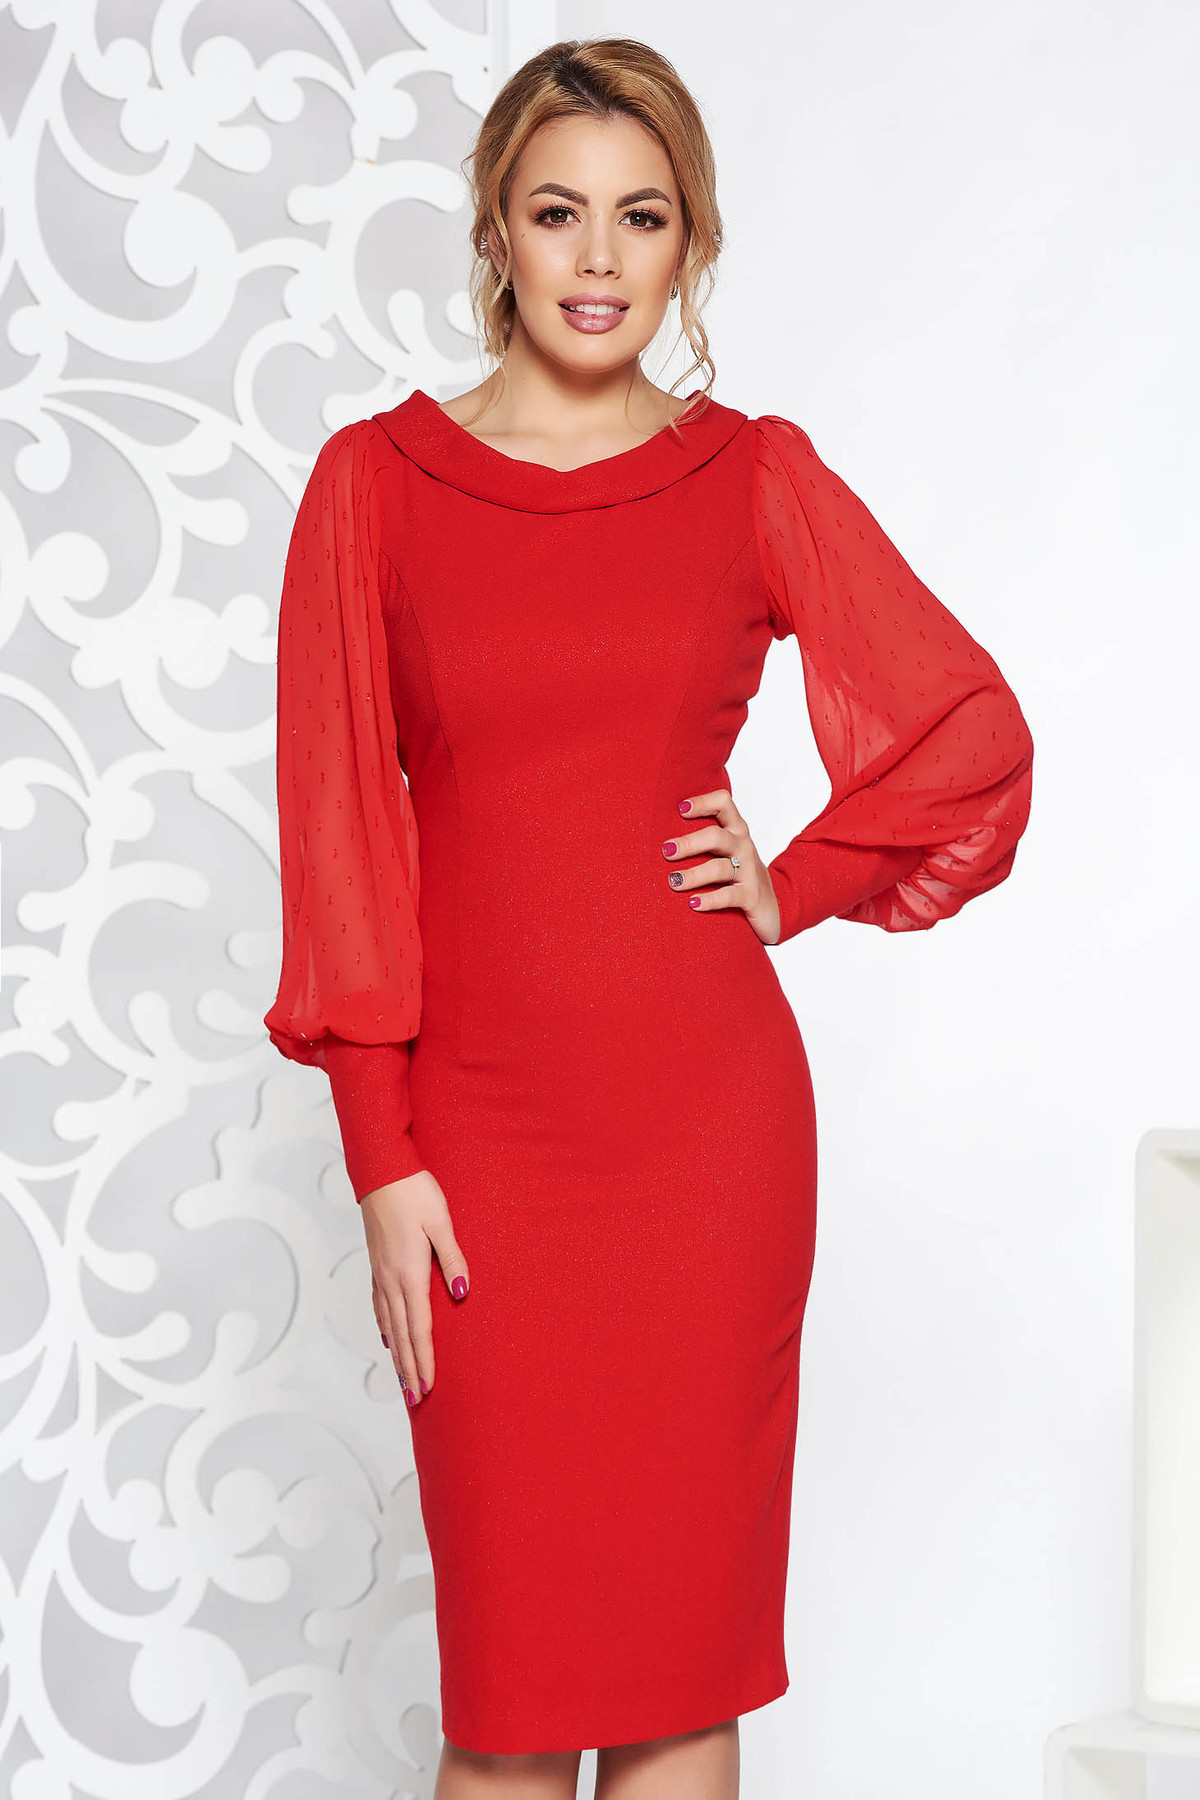 Rochie rosie de ocazie midi tip creion din material usor elastic cu fir lame cu maneci cu aplicatii stralucitoare